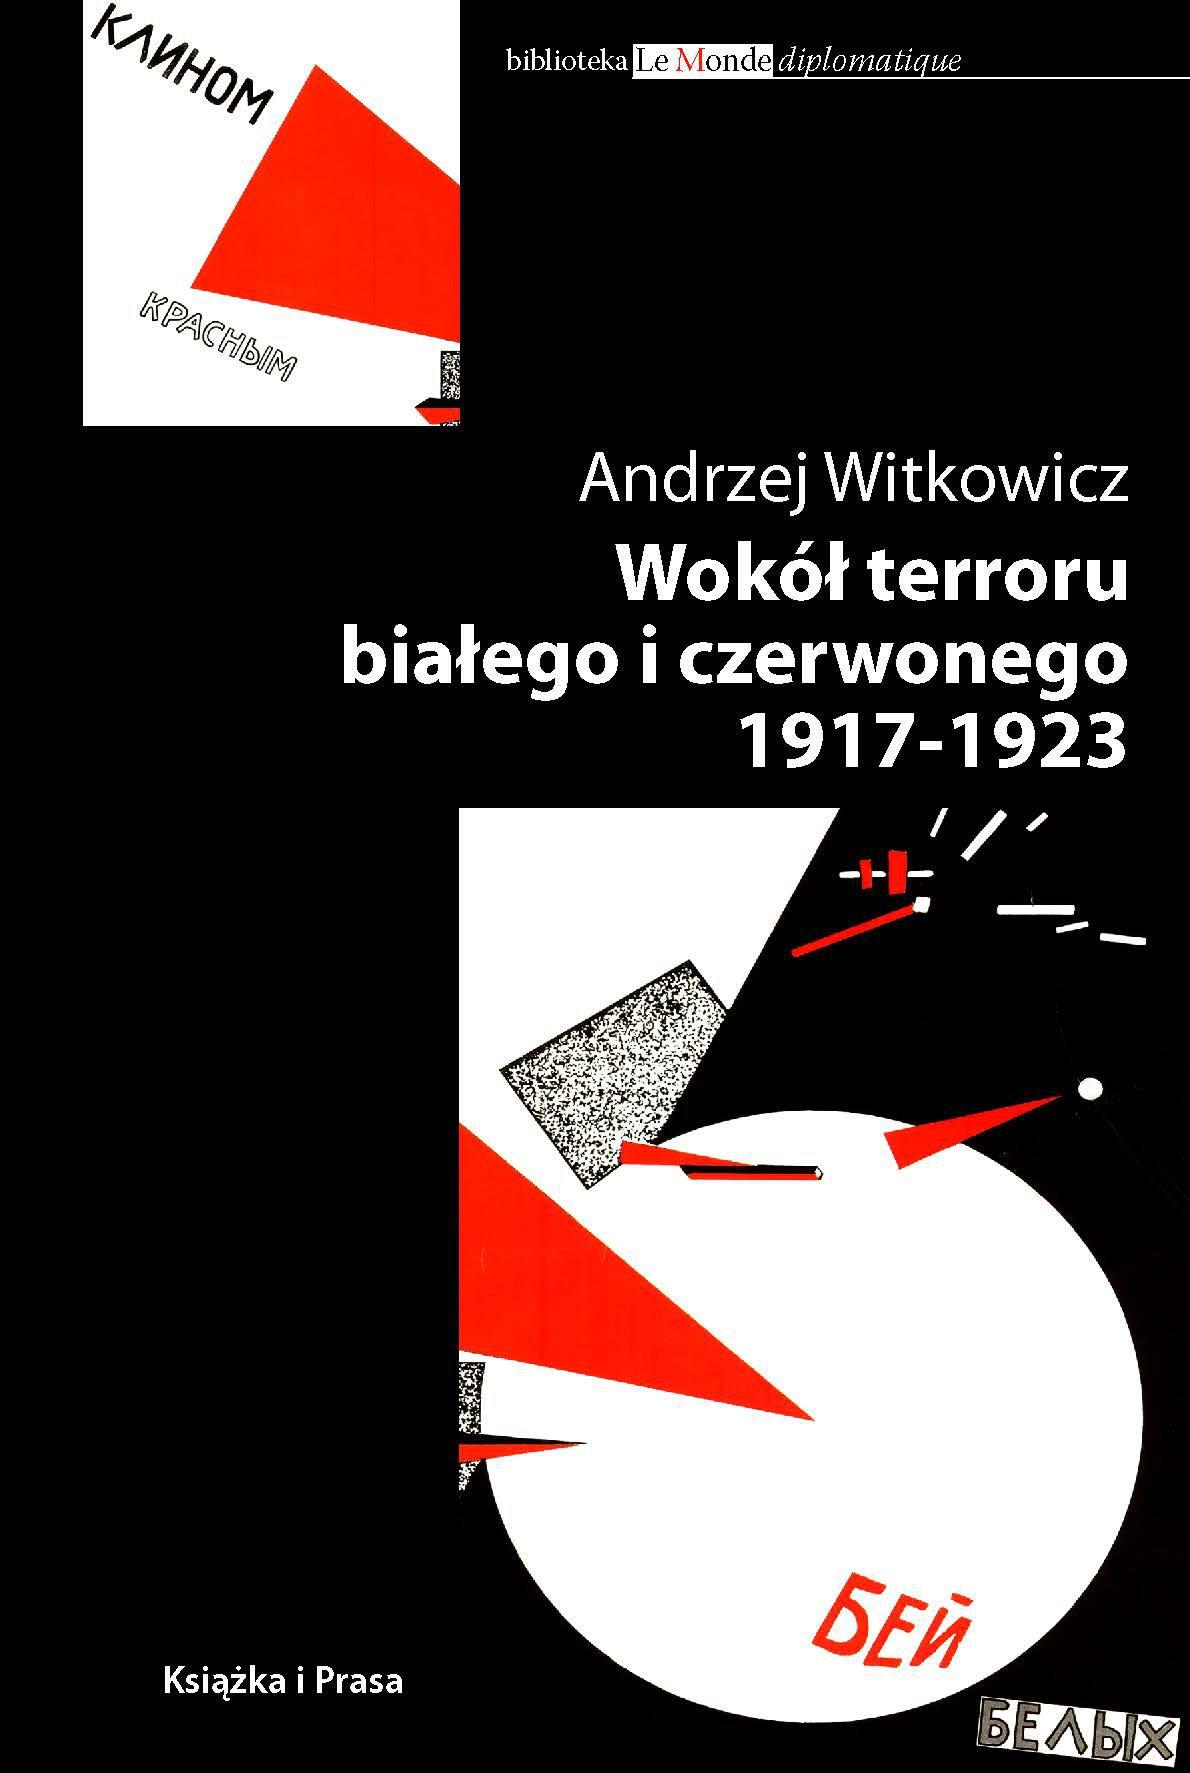 Wokół terroru białego i czerwonego 1917-1923 - Ebook (Książka EPUB) do pobrania w formacie EPUB